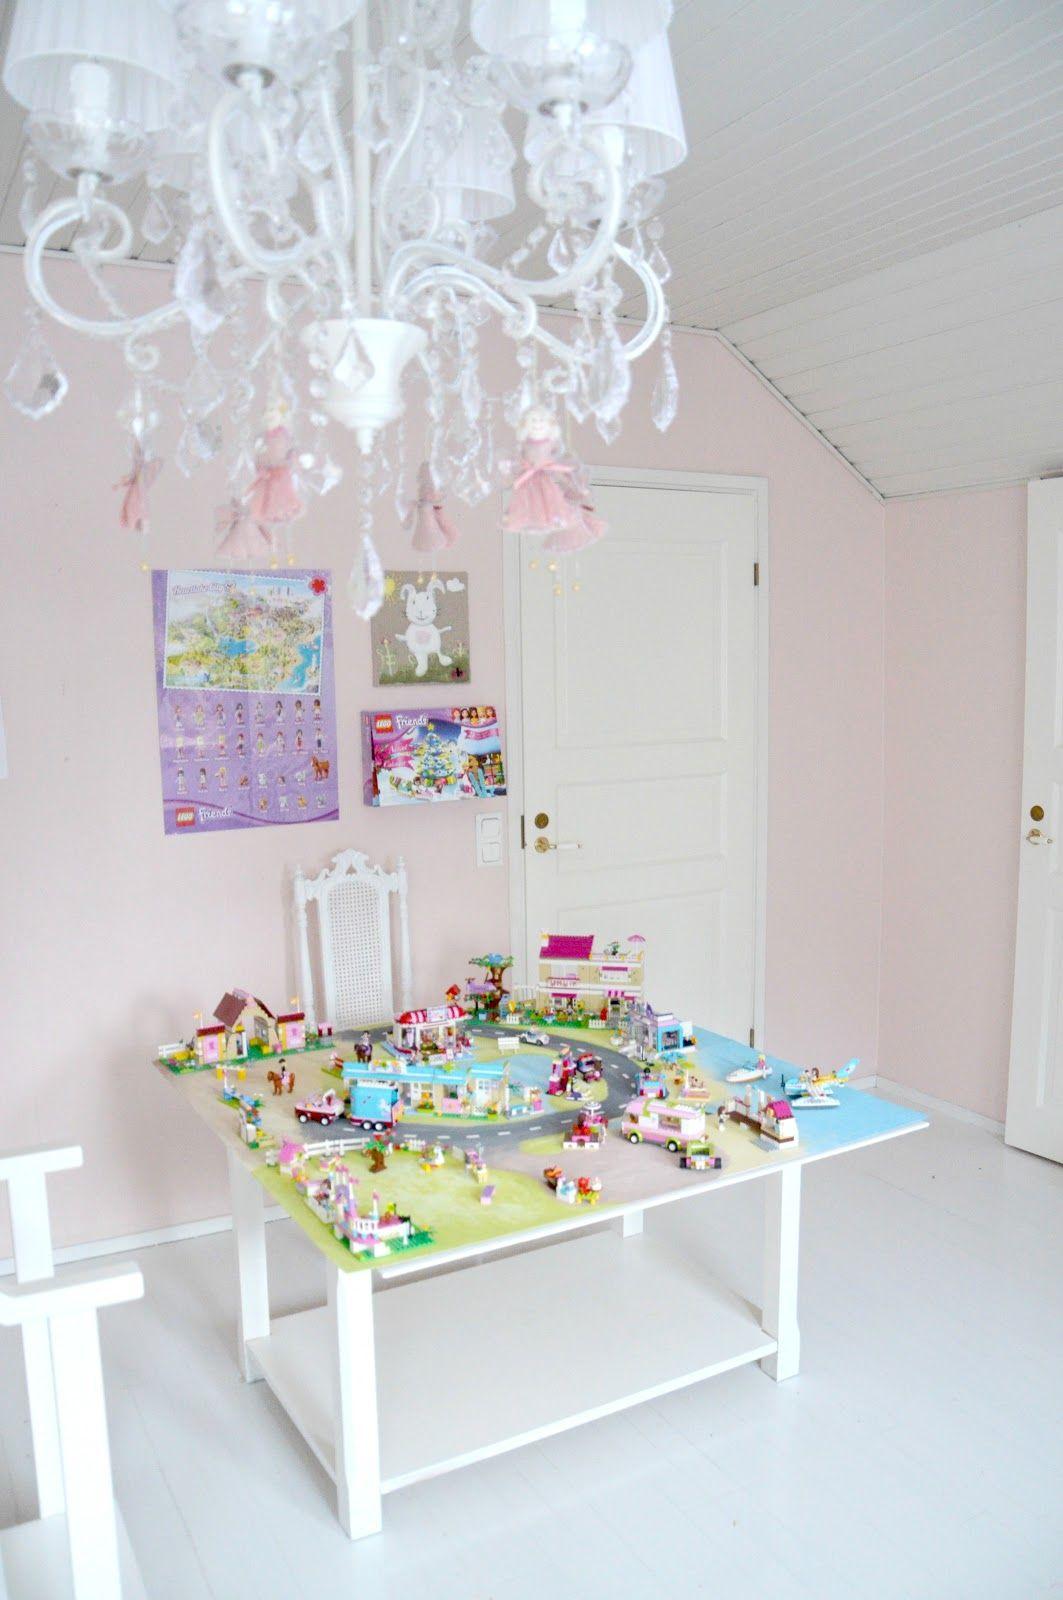 kaunis pieni elämä: Luukku 19  Lego room, Lego table with storage